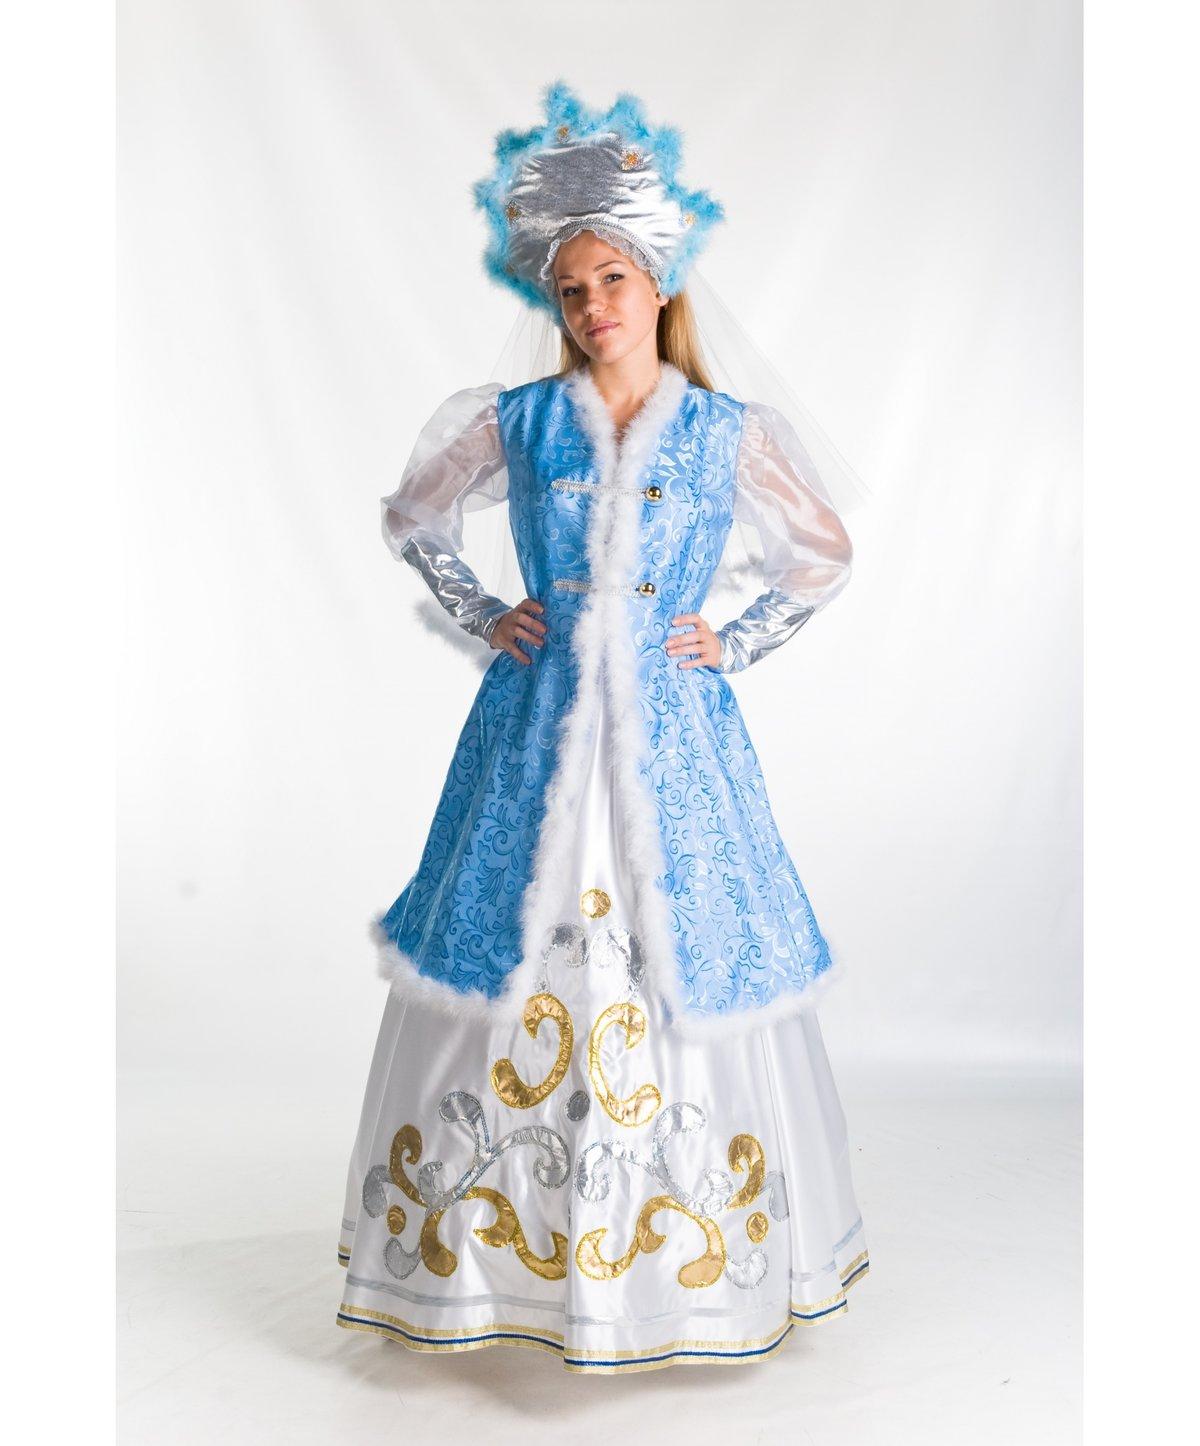 костюм снегурочки в ижевске для девочки фото соплей нет, носу